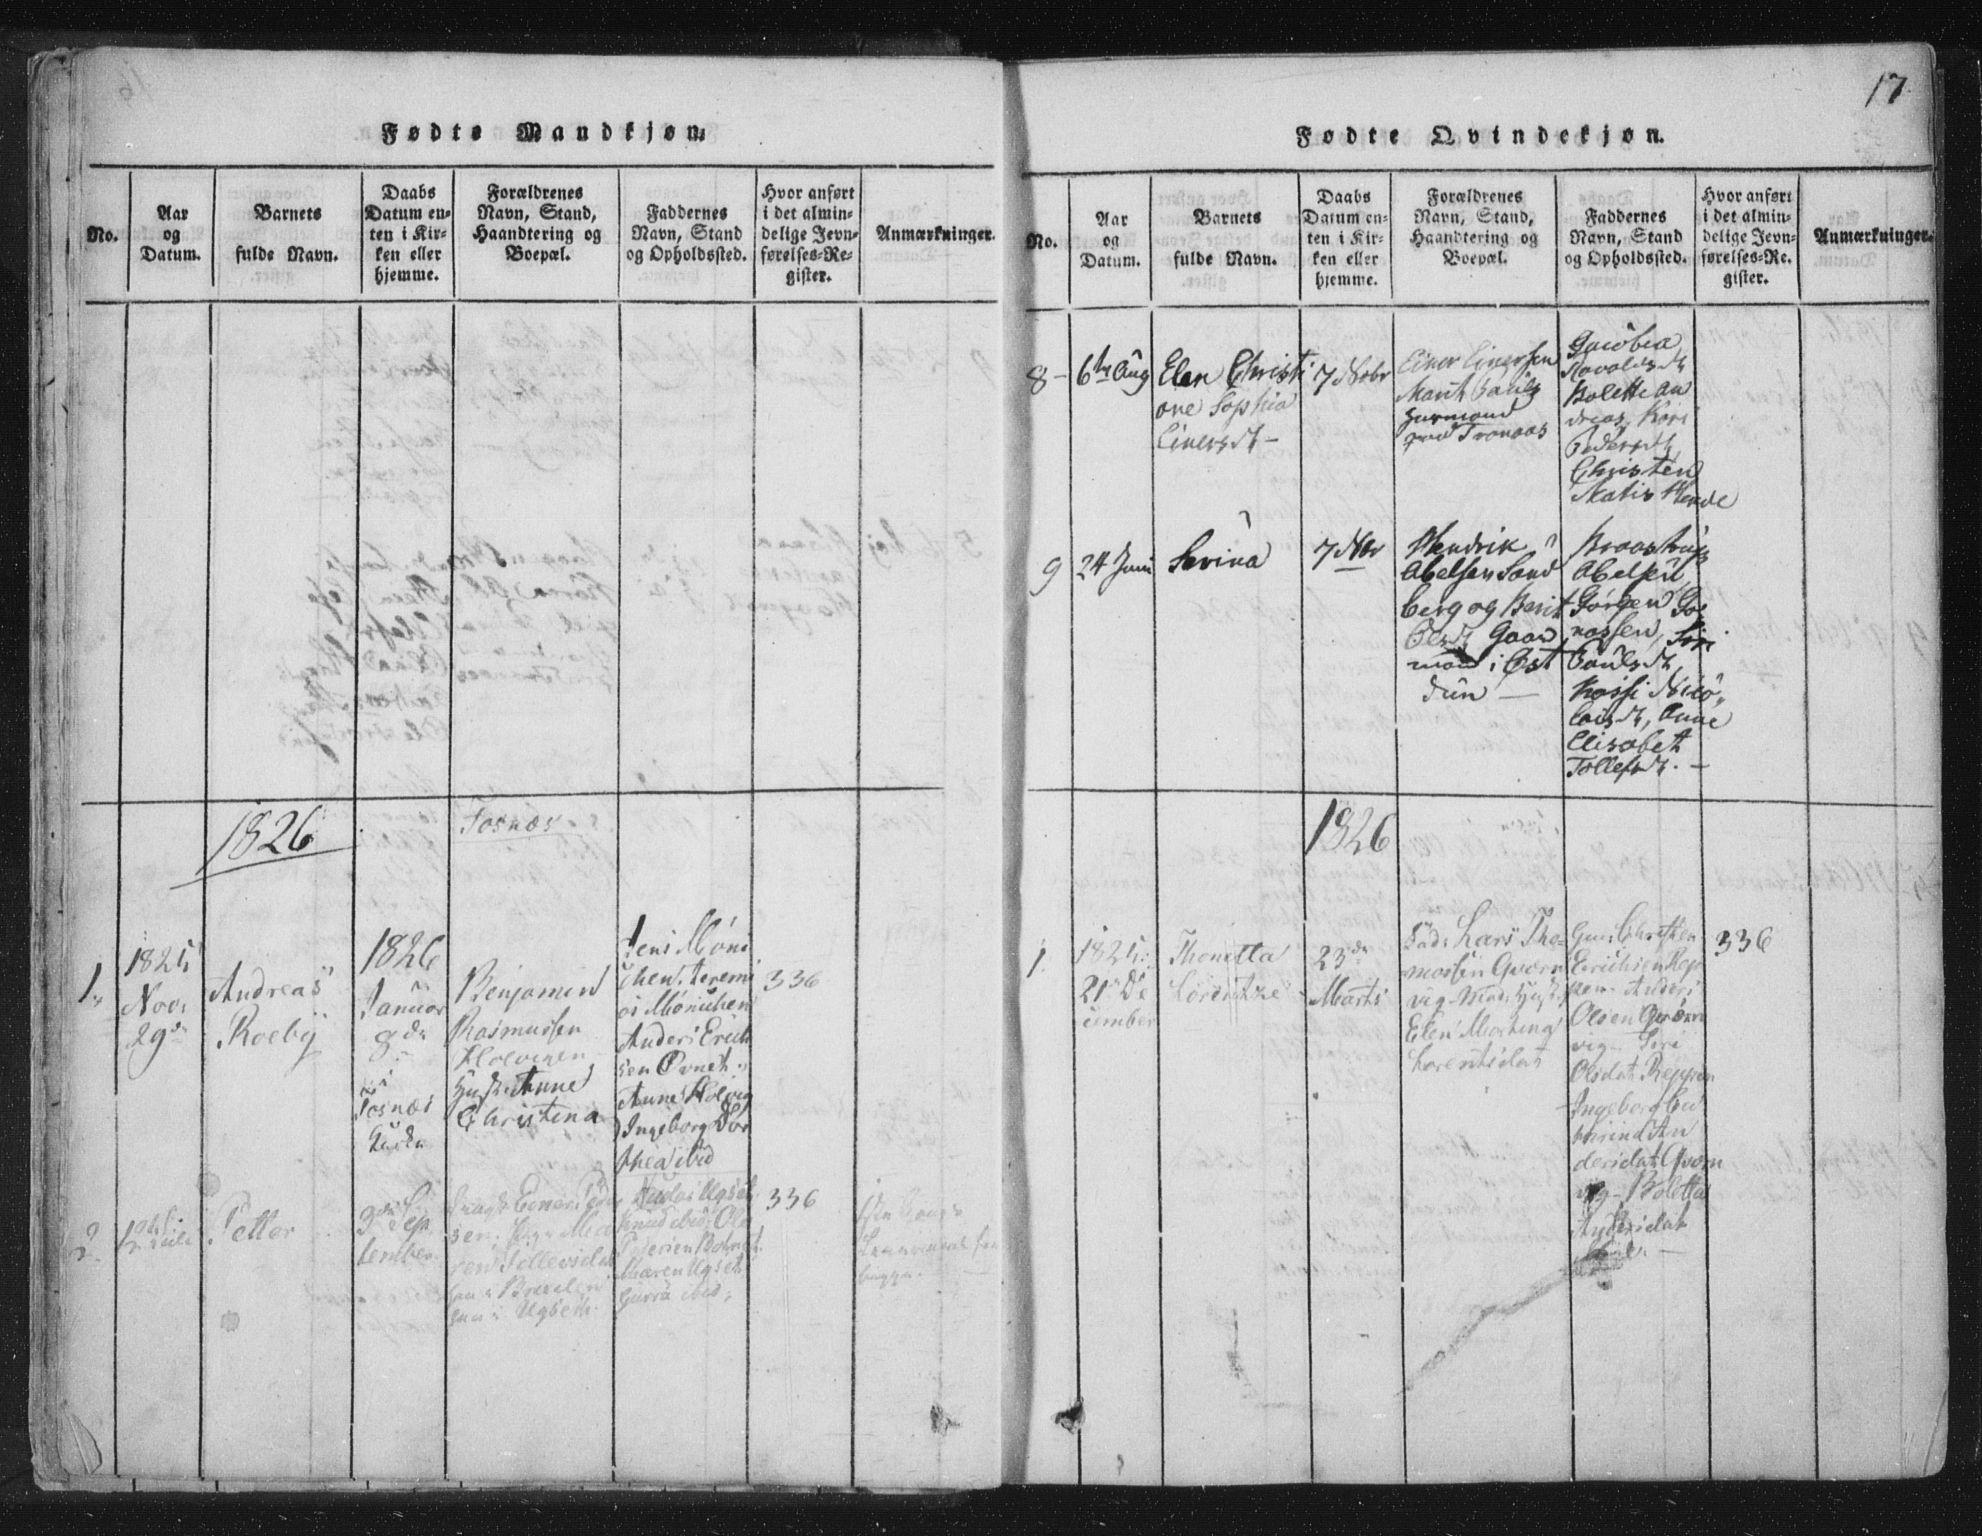 SAT, Ministerialprotokoller, klokkerbøker og fødselsregistre - Nord-Trøndelag, 773/L0609: Ministerialbok nr. 773A03 /1, 1815-1830, s. 17